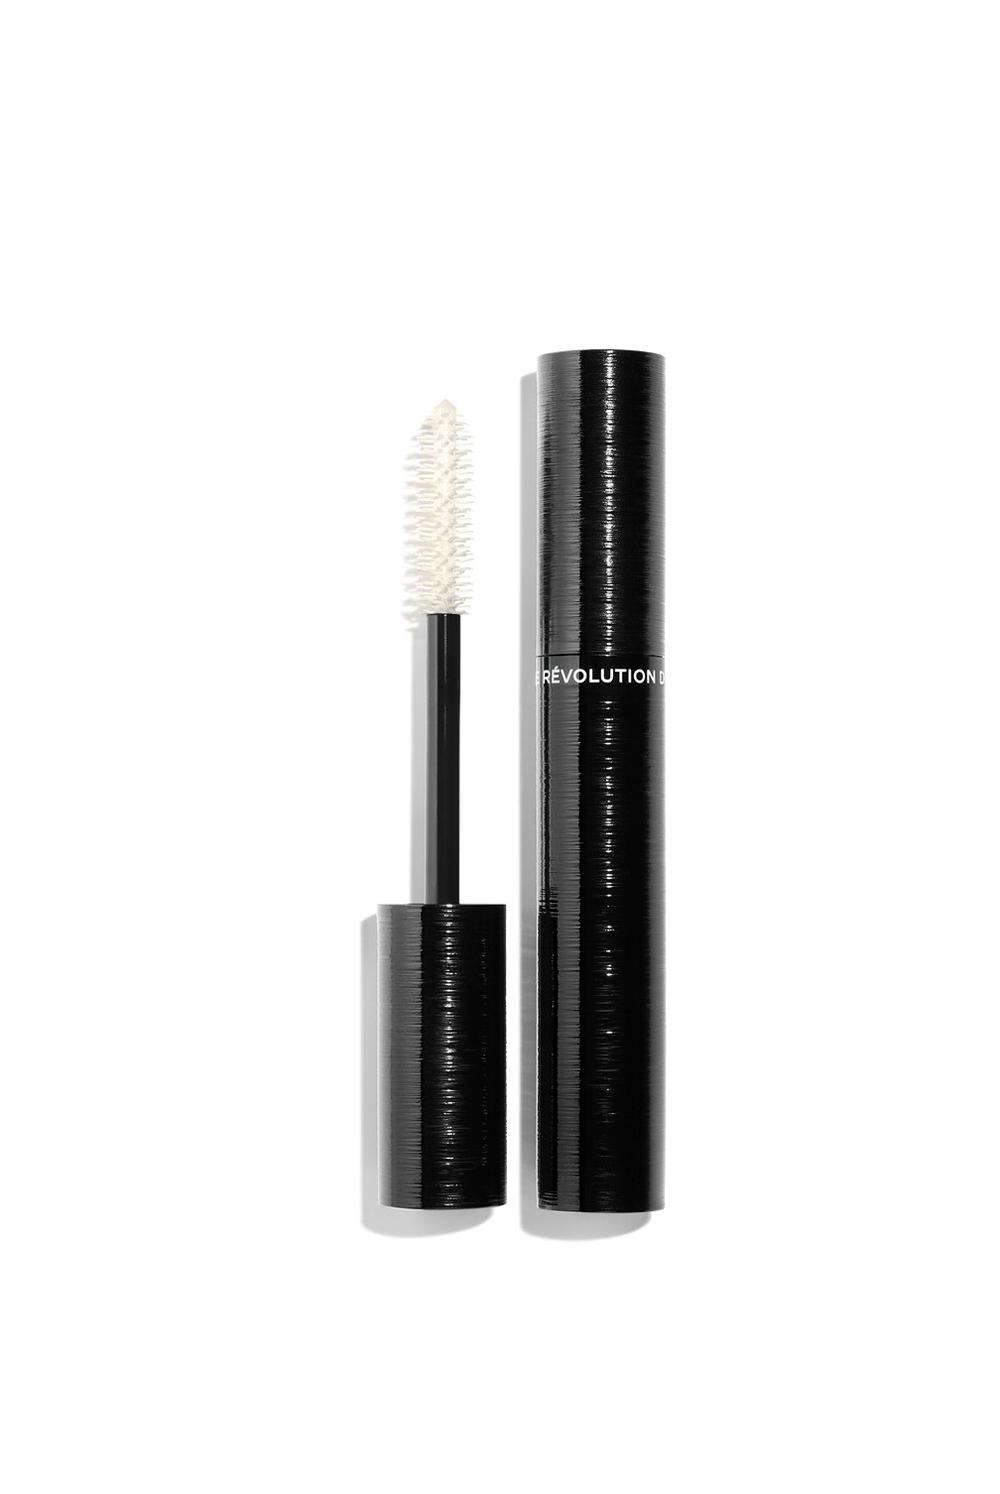 Willkommen in der Zukunft! Chanel lanciert mit Le Volume Révolution die erste Mascara aus dem 3D-Drucker und auf sonrisa erfährst Du alle Fakten zu dieser Beauty-Revolution.